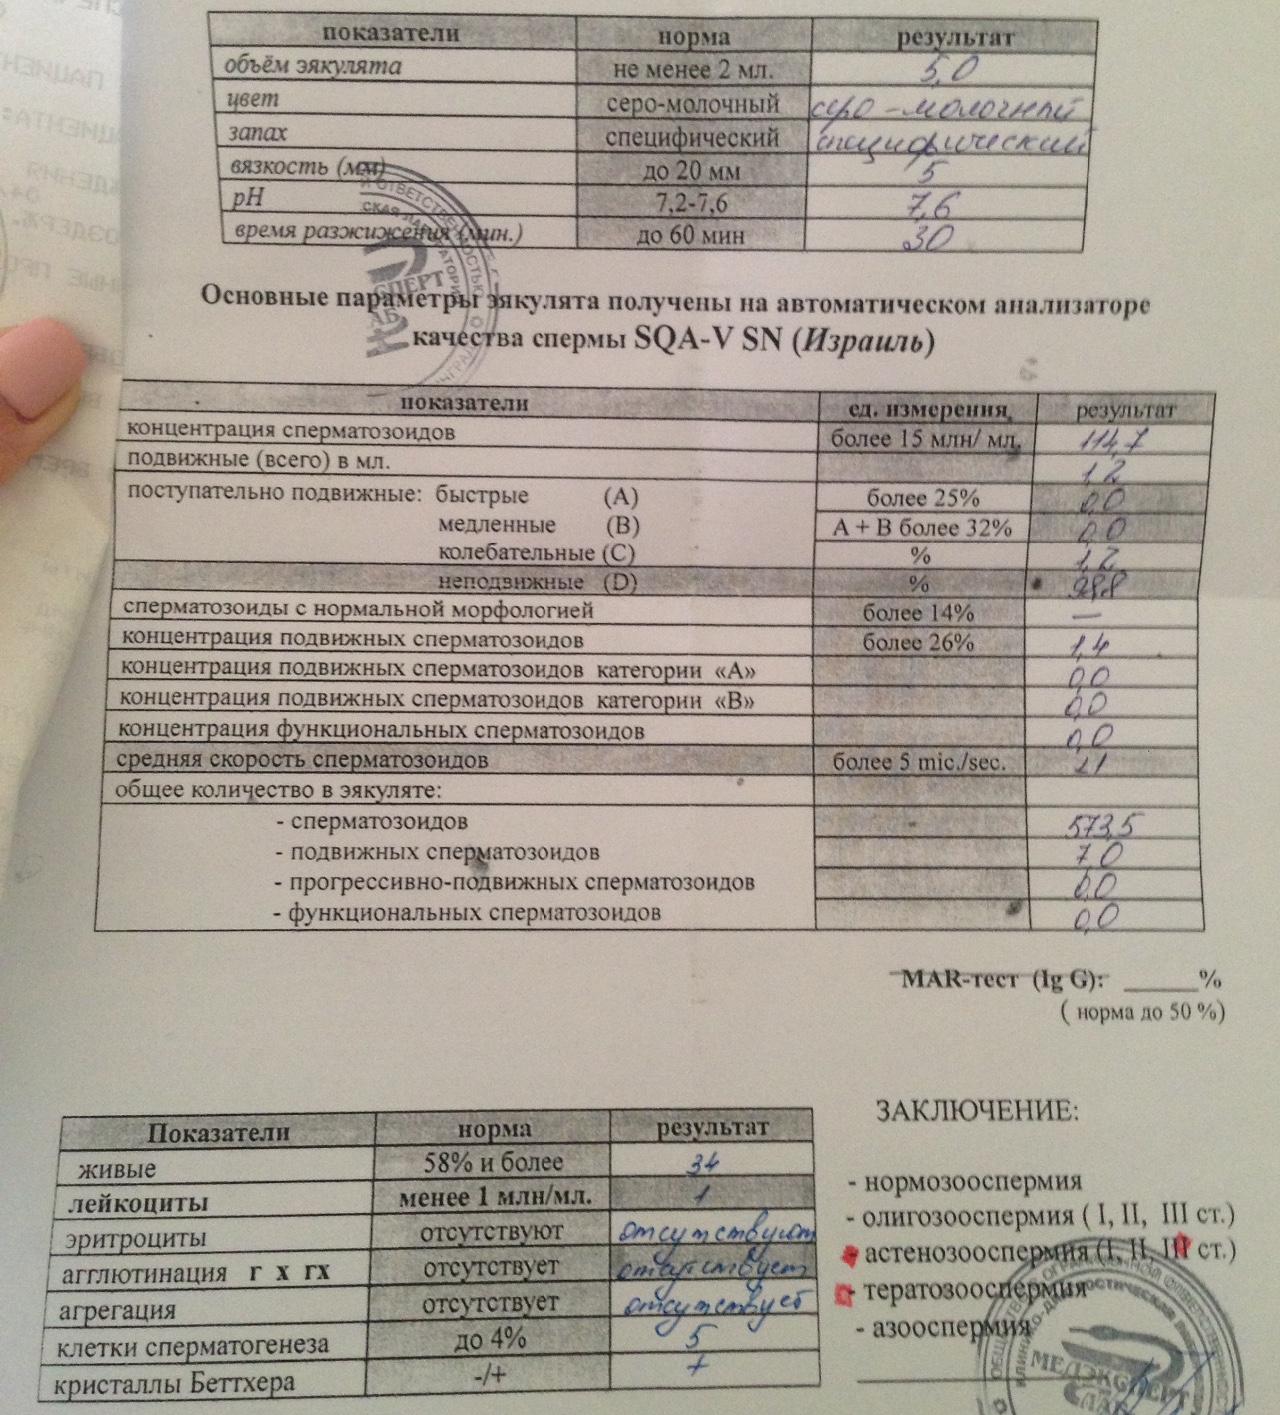 spermogramma-leykotsiti-2-mln